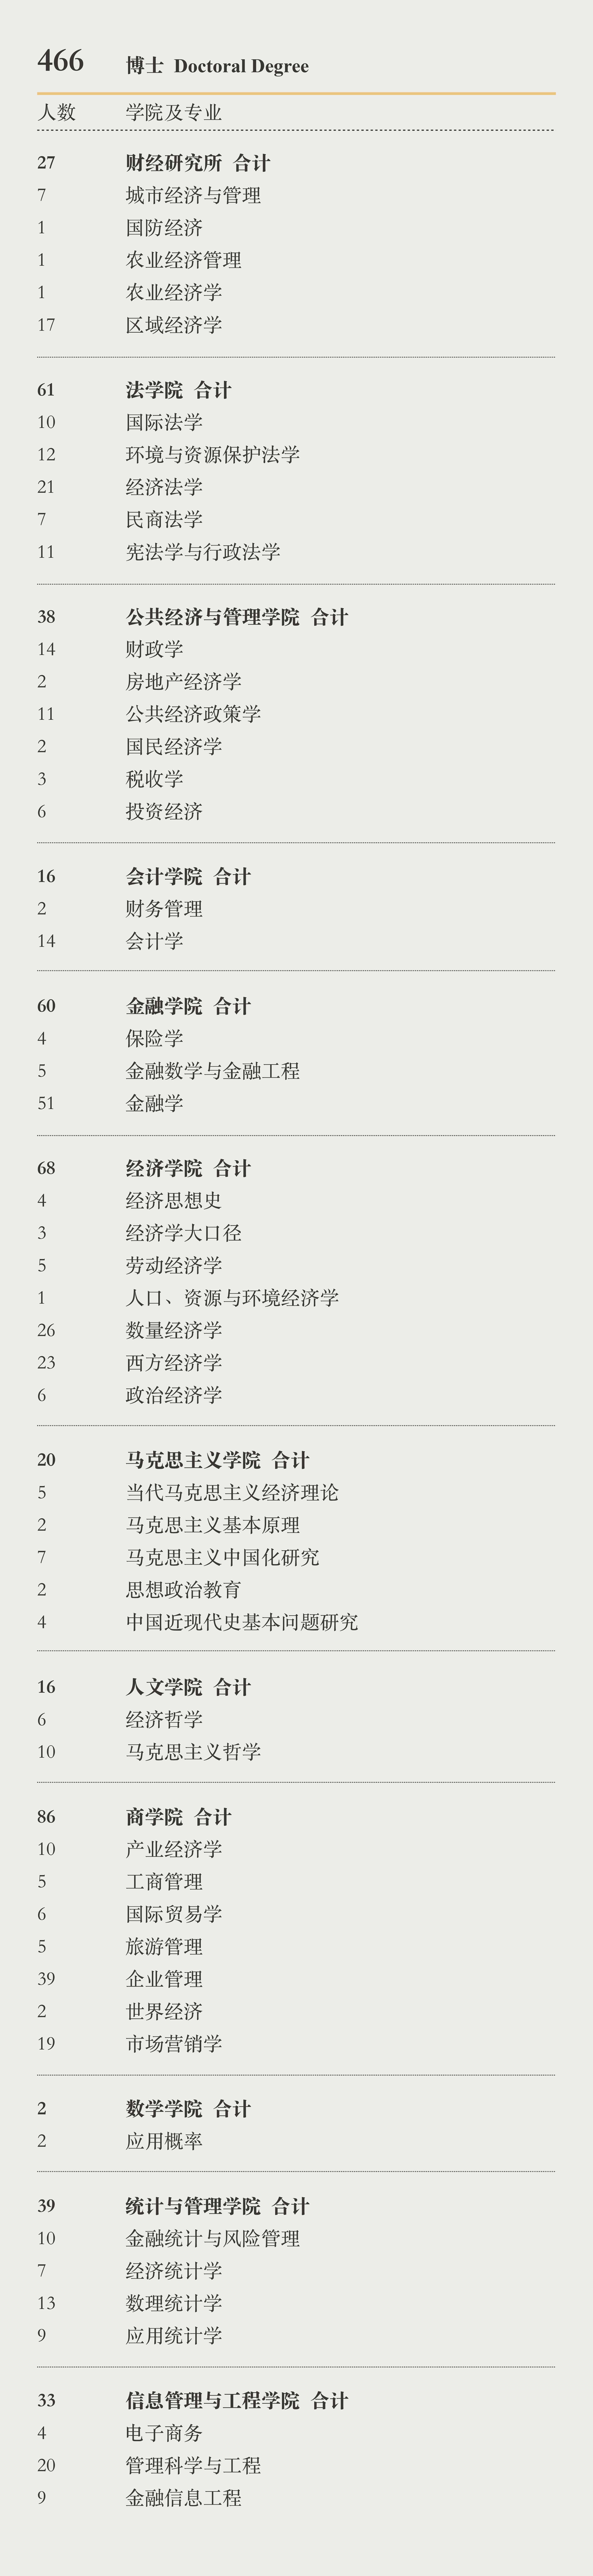 2021毕业生生源及招聘服务wechat-07.jpg